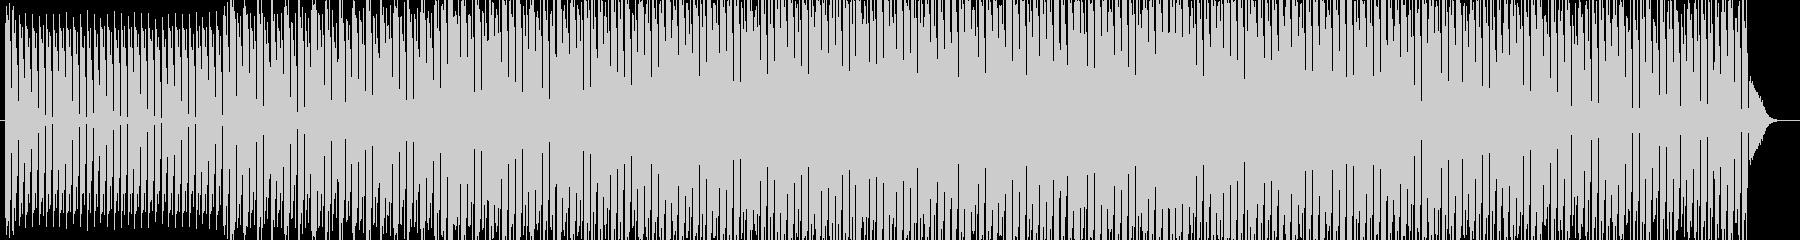 プログレッシブハウスの未再生の波形